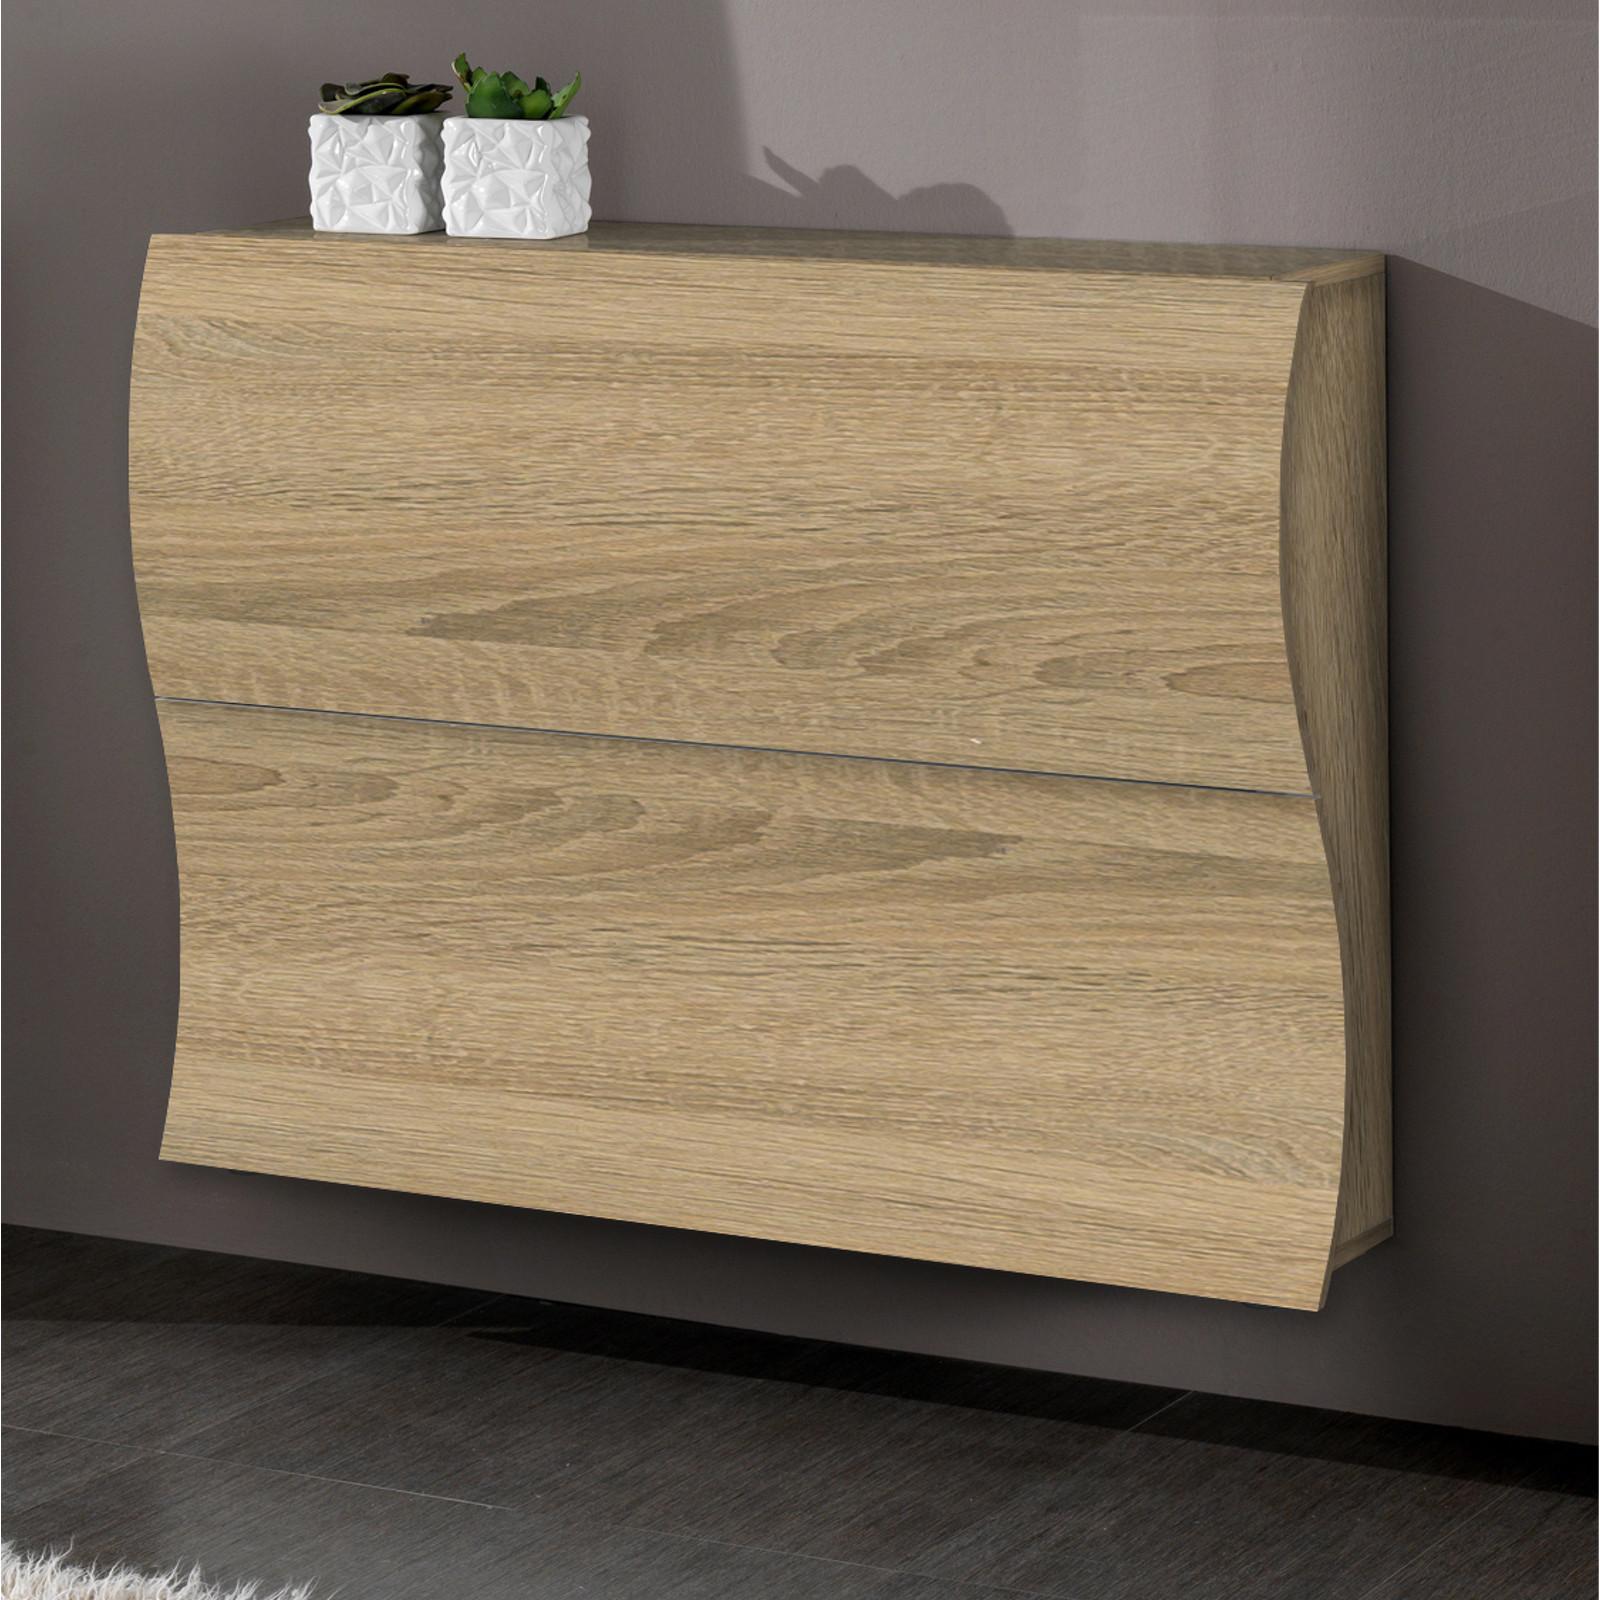 Onda design la pi bella scarpiera per la tua casa cuore for Scarpiera design ingresso